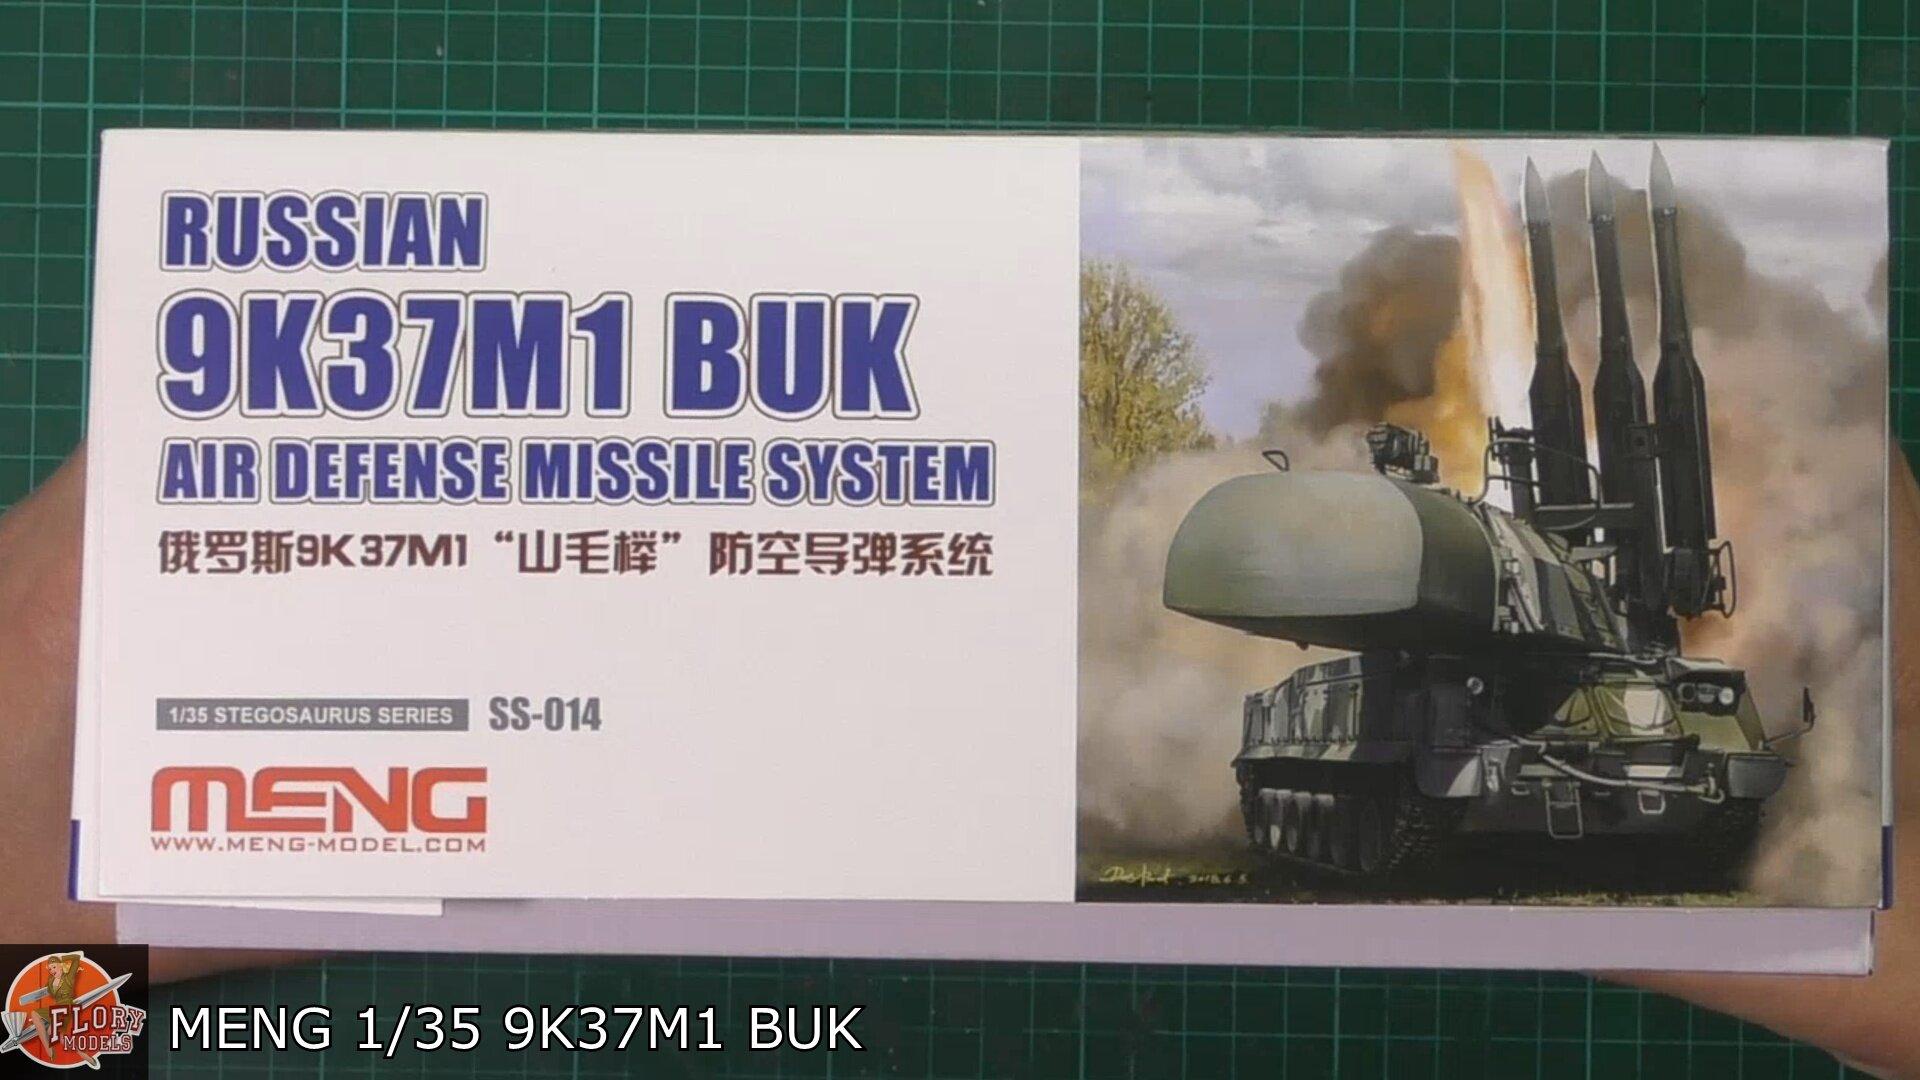 Meng 1/35 9K37M1 Buk SA-11-SA17   Scale: 1/35   Manufacturer: Meng   Parts used: Out Of The Box   Main paints used: Tamiya and Hataka